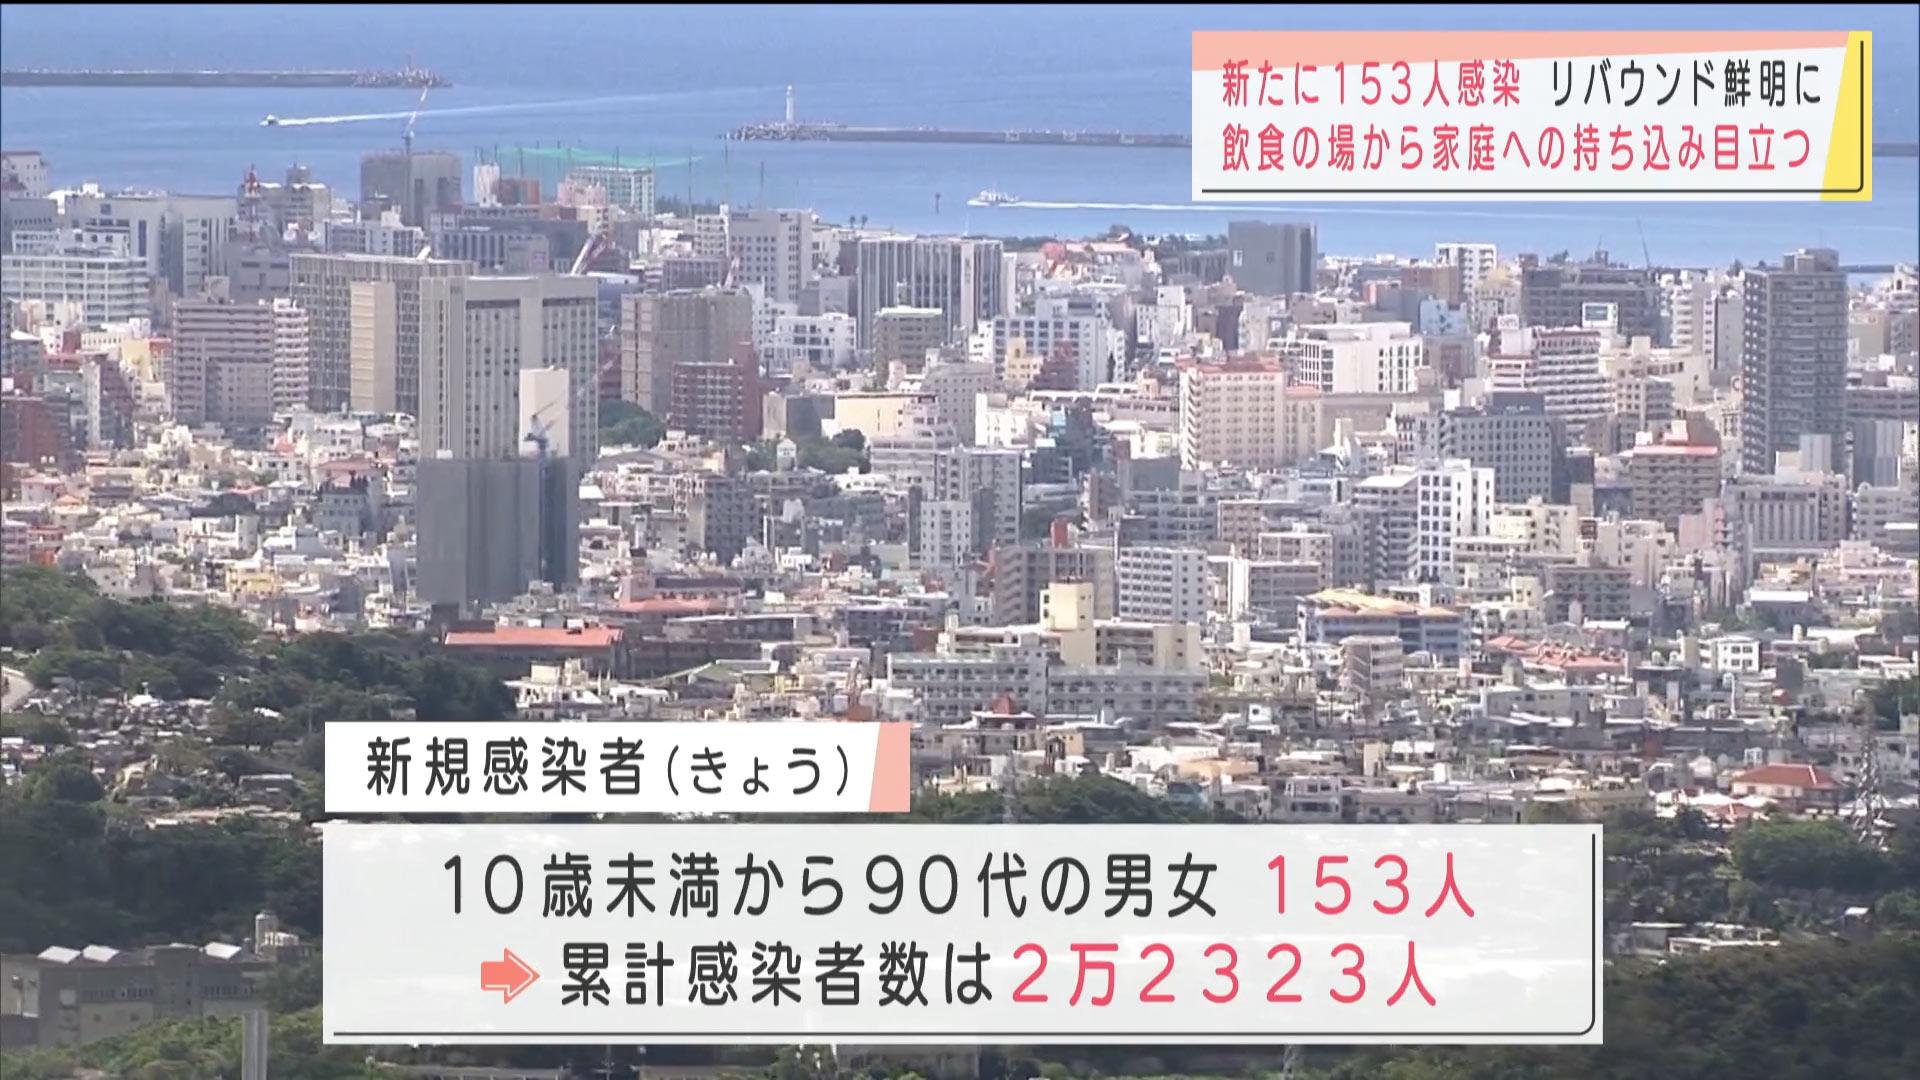 沖縄県で新型コロナ新たに153人感染 3日連続で150人超